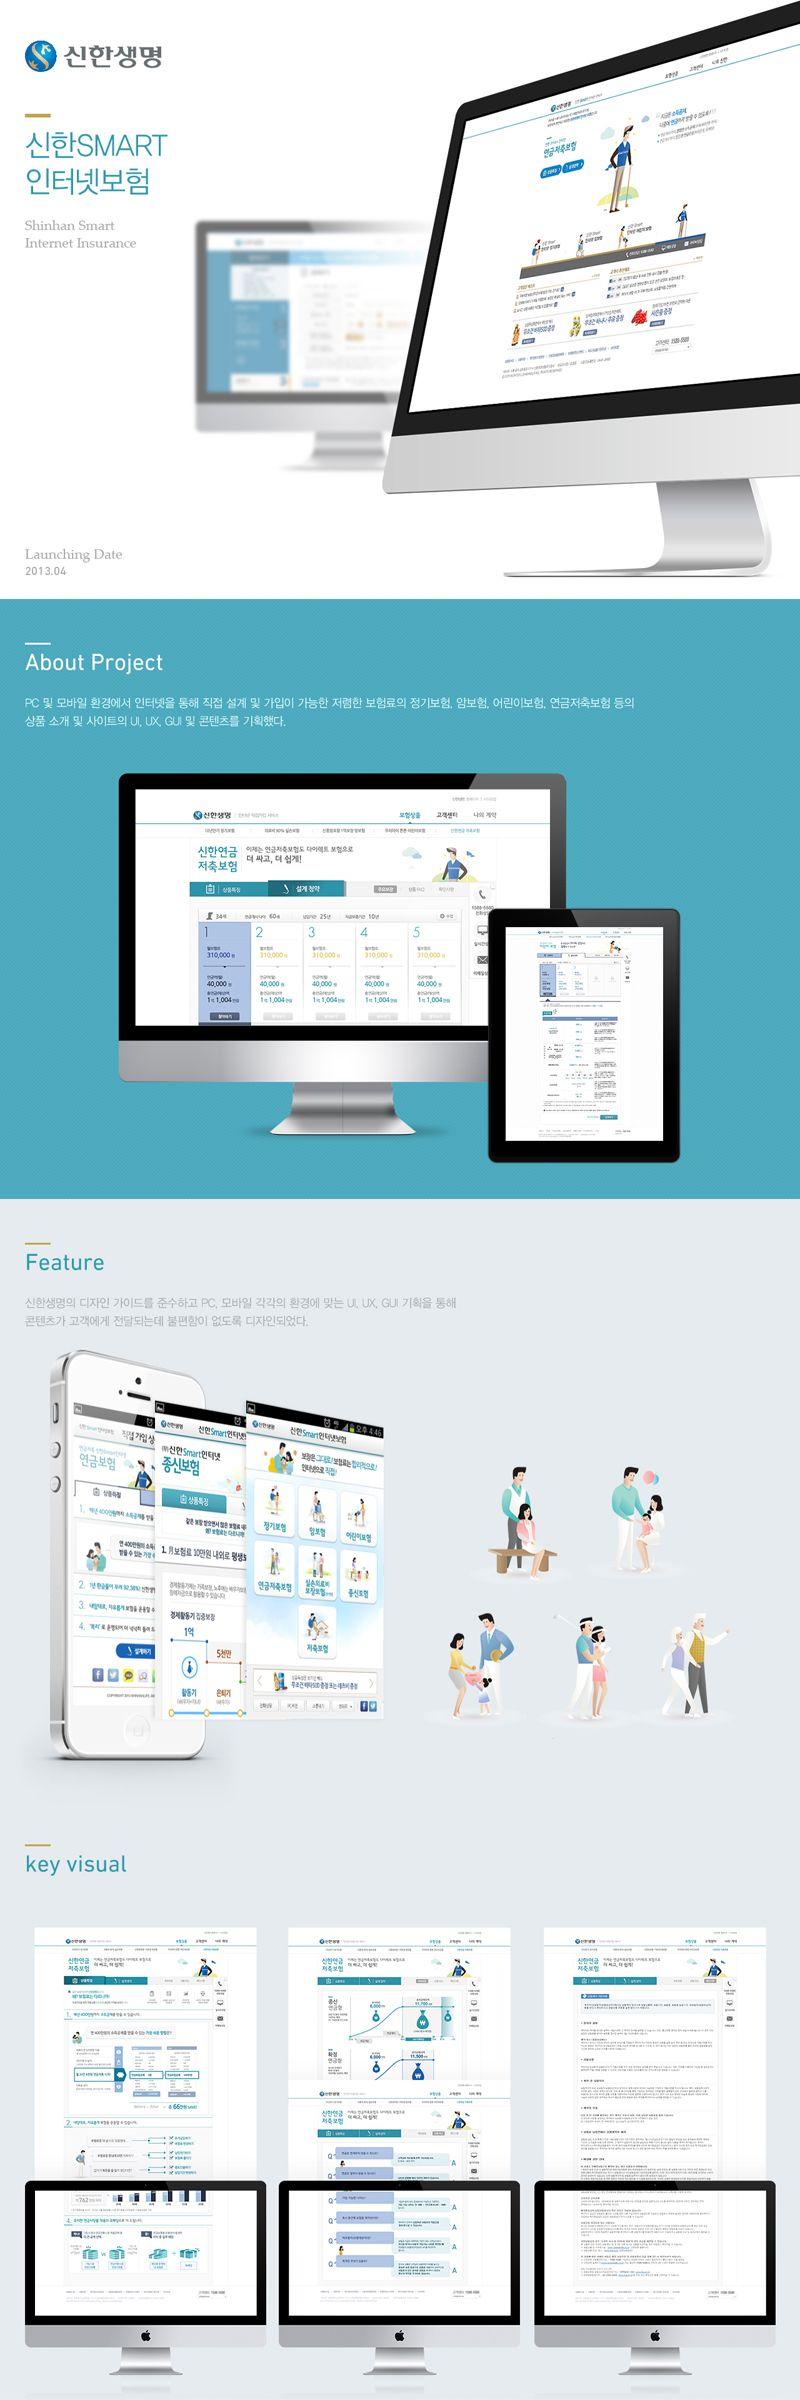 신한smart인터넷보험 사이트 Gui Edacom 웹디자인 웹 디자인 레이아웃 레이아웃